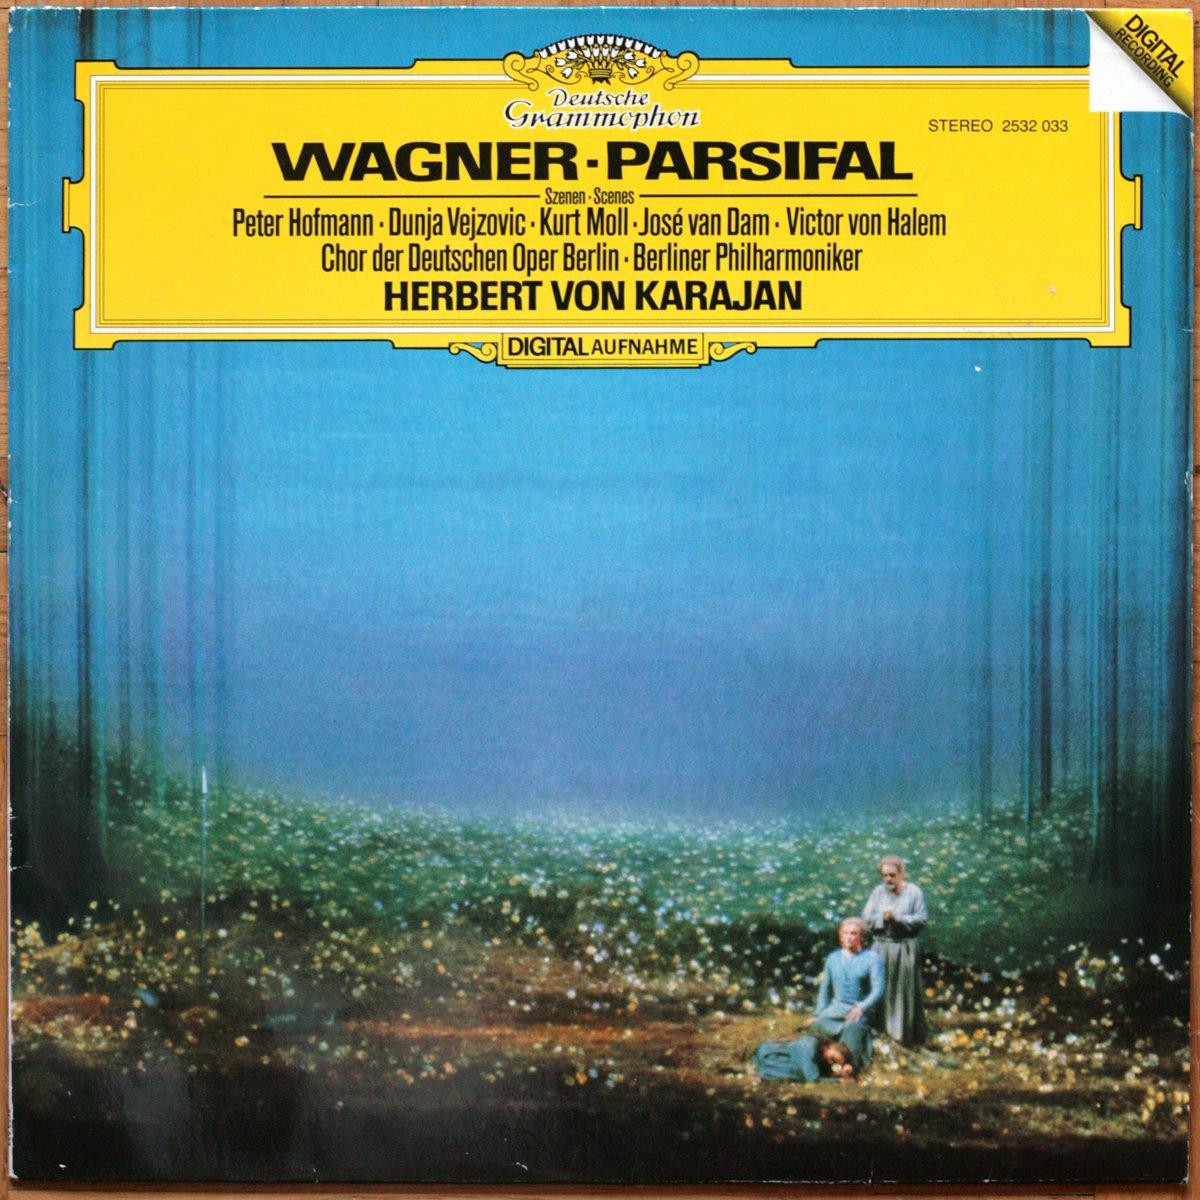 DGG 2532033 Wagner Parsifal Karajan